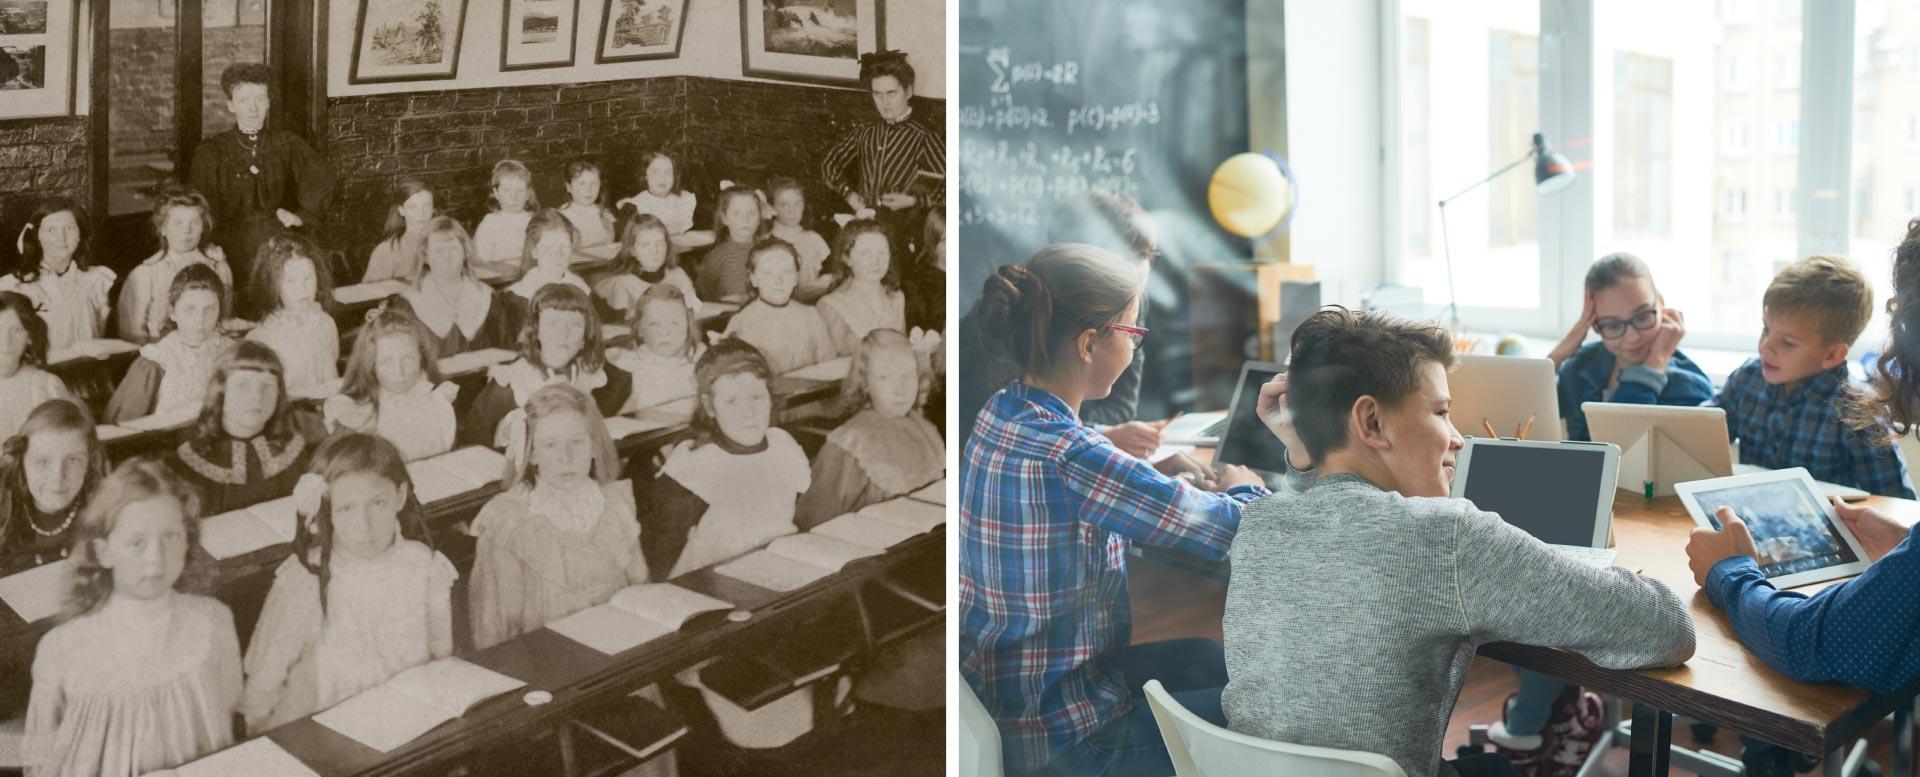 Schule früher und heute: Klassenzimmer